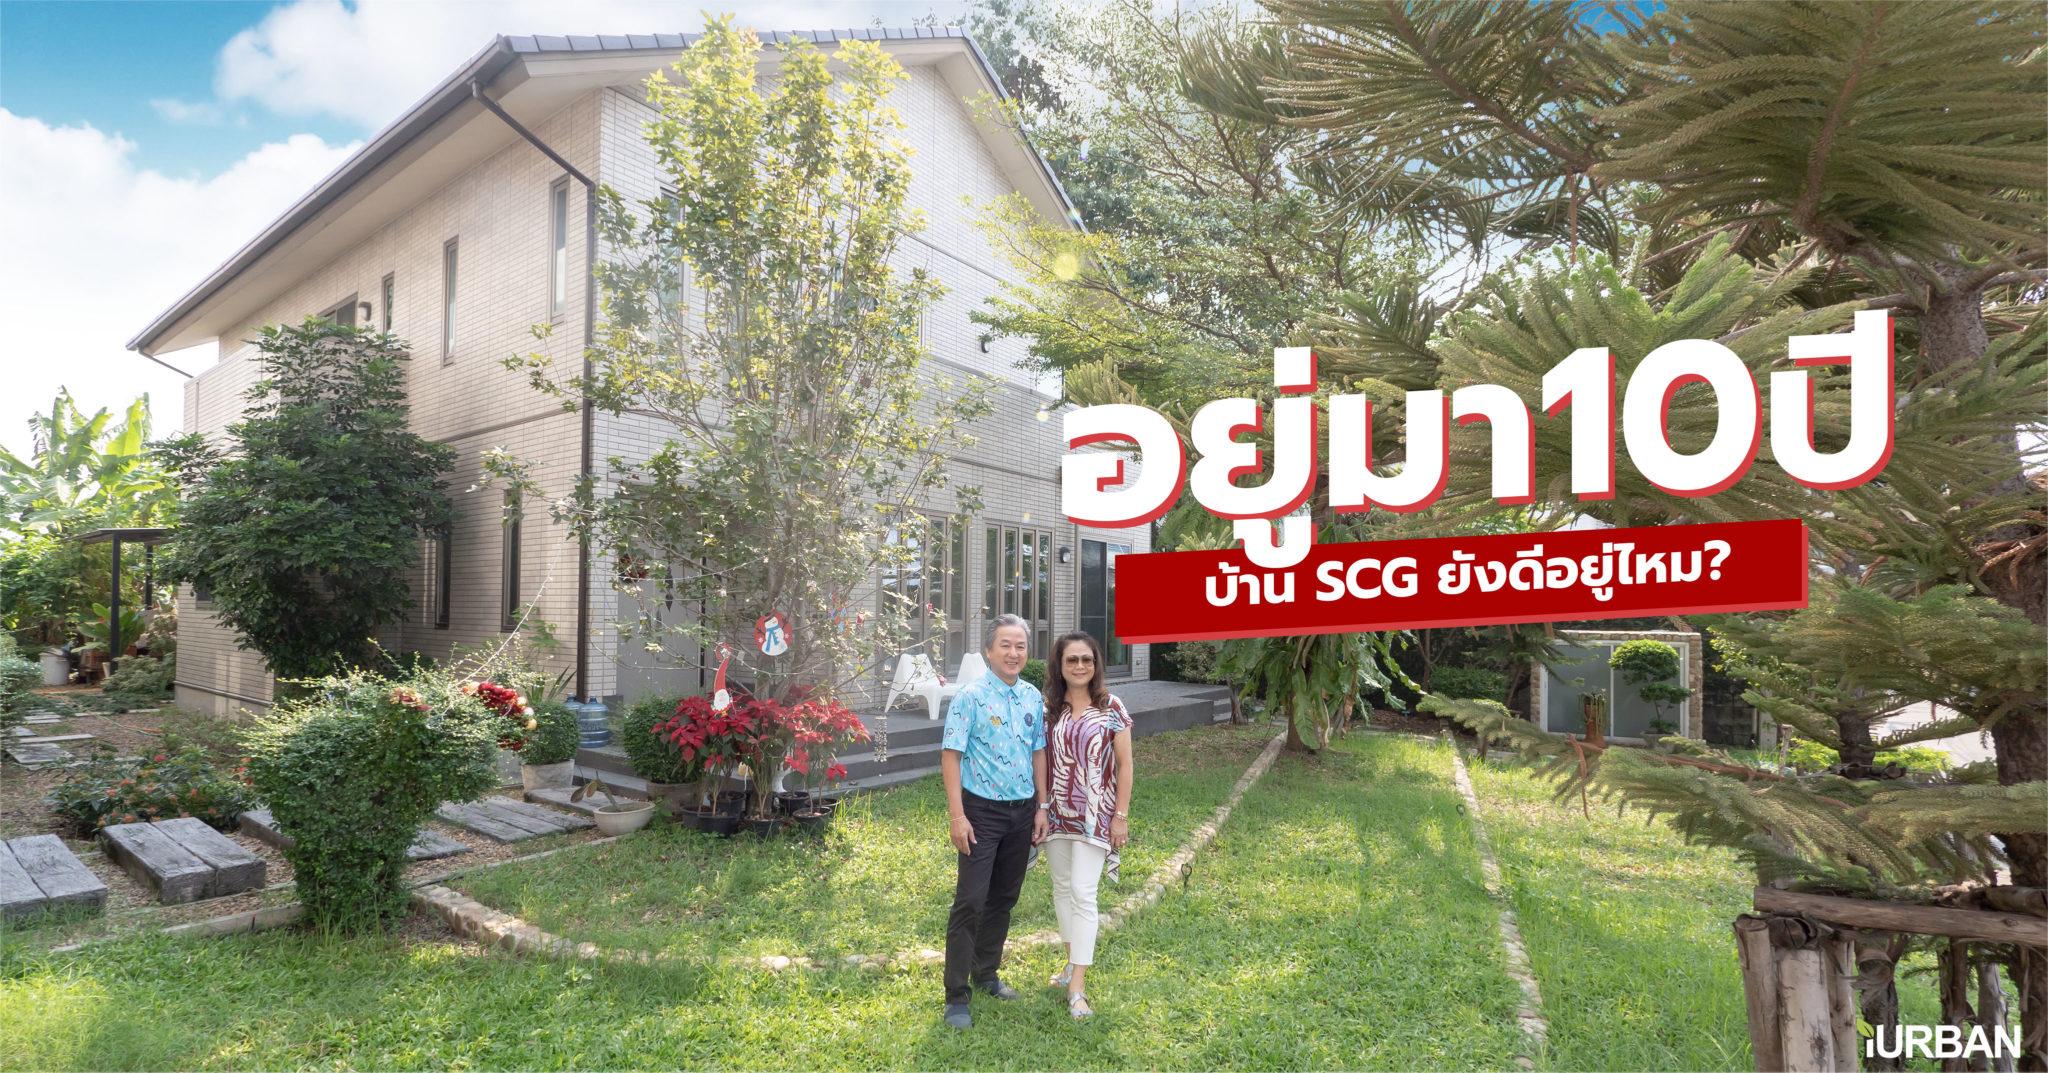 อยู่มา 10 ปี บ้าน SCG HEIM ยังดีไหม? รีวิวพูดคุยจากคนอยู่จริง คุณนพพร และอภิชาติ ศิวโมกษ์ 13 - Interview